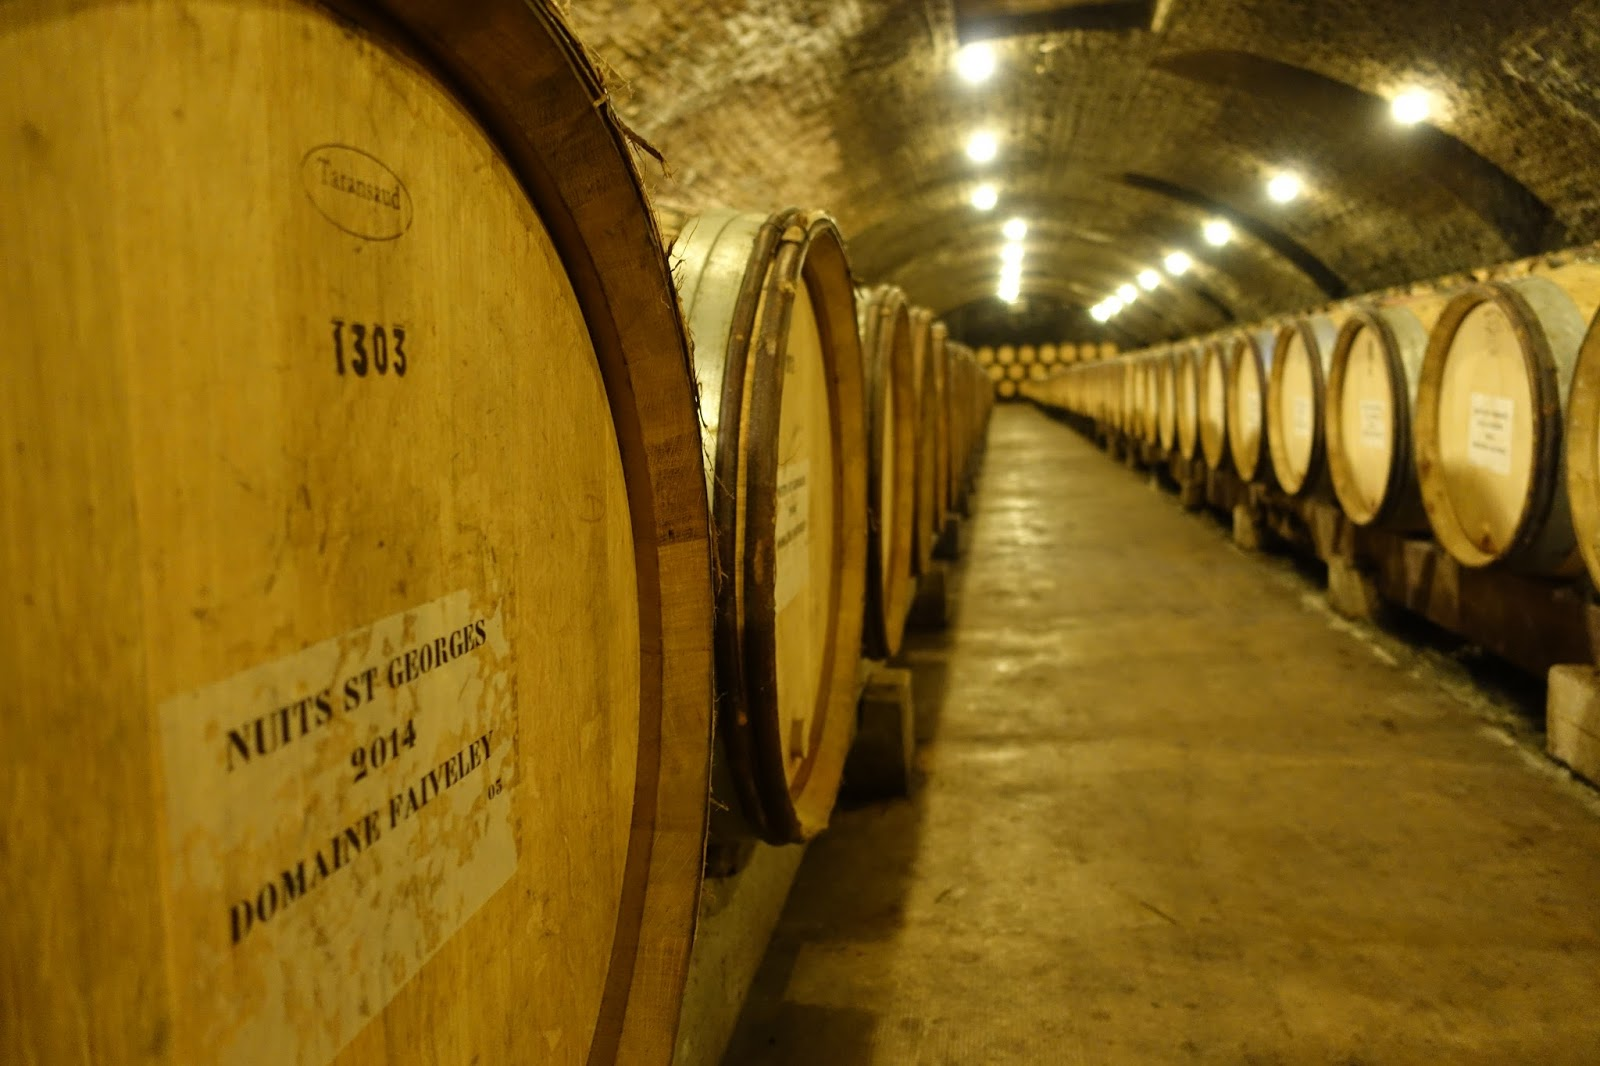 Faiveley cellar